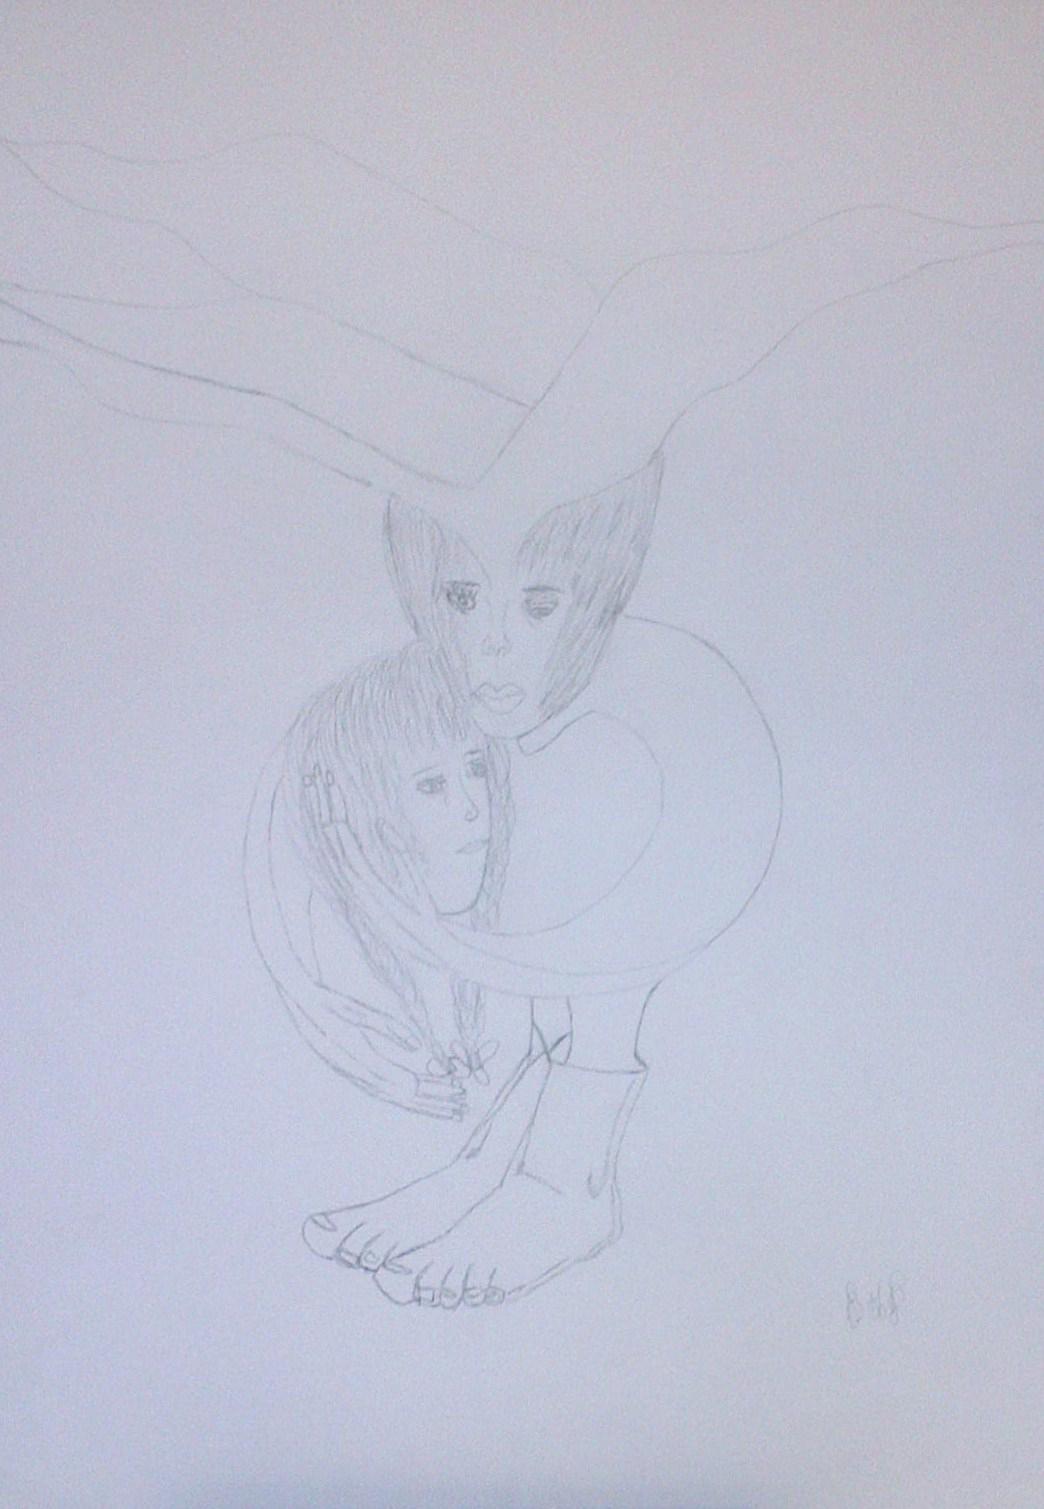 bd-aquarelle-n-812-beatrice-fait-un-geste-de-tendresse-a-sa-personnalite-bg-dessin